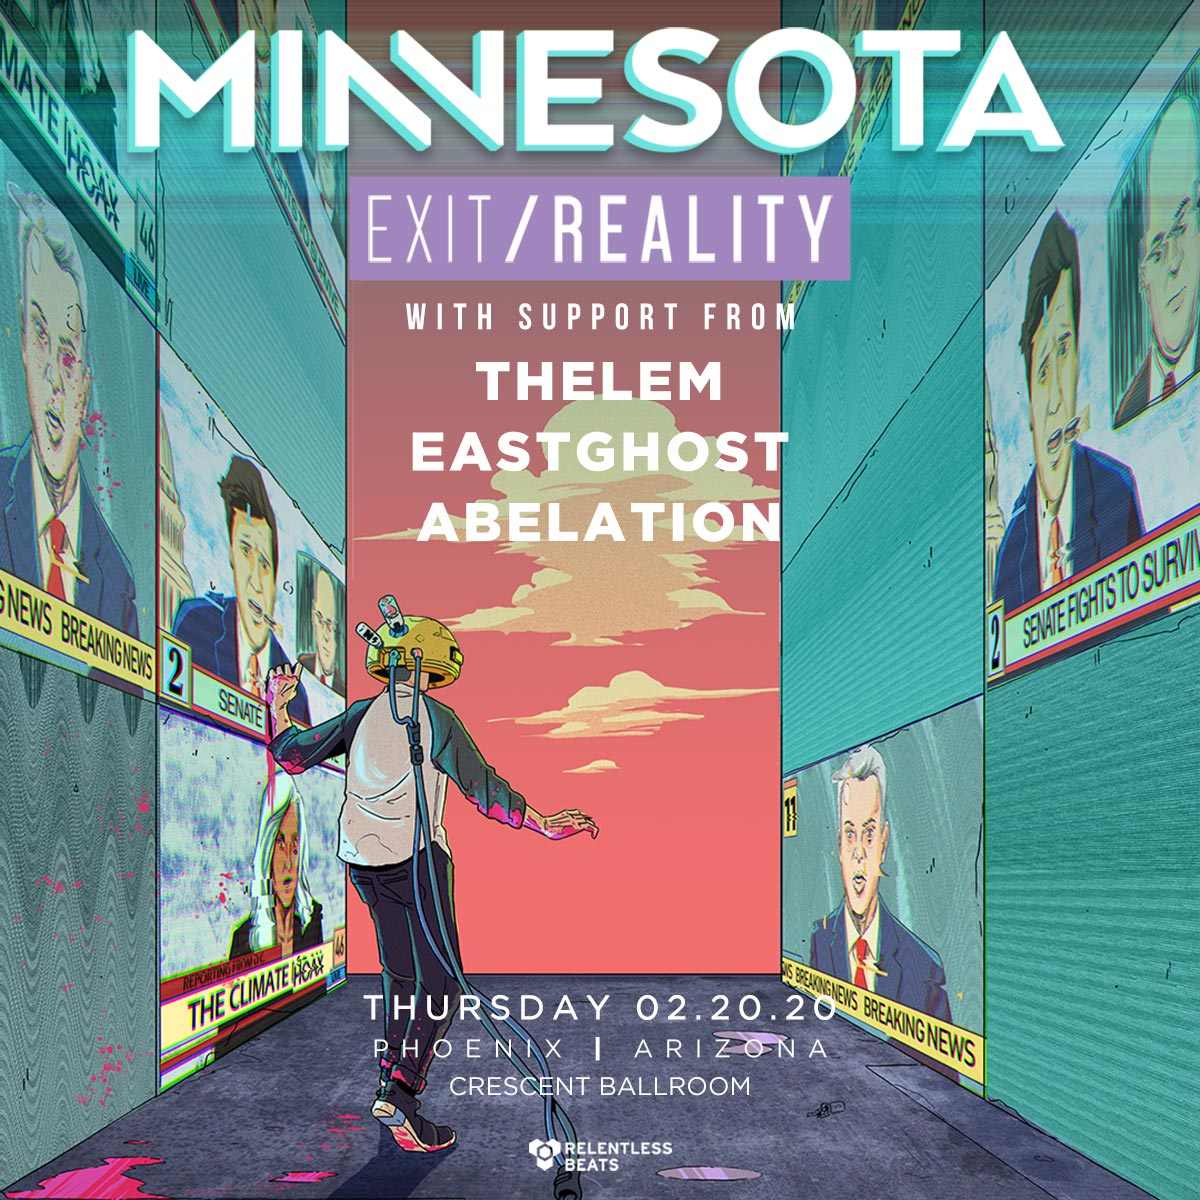 Flyer for Minnesota